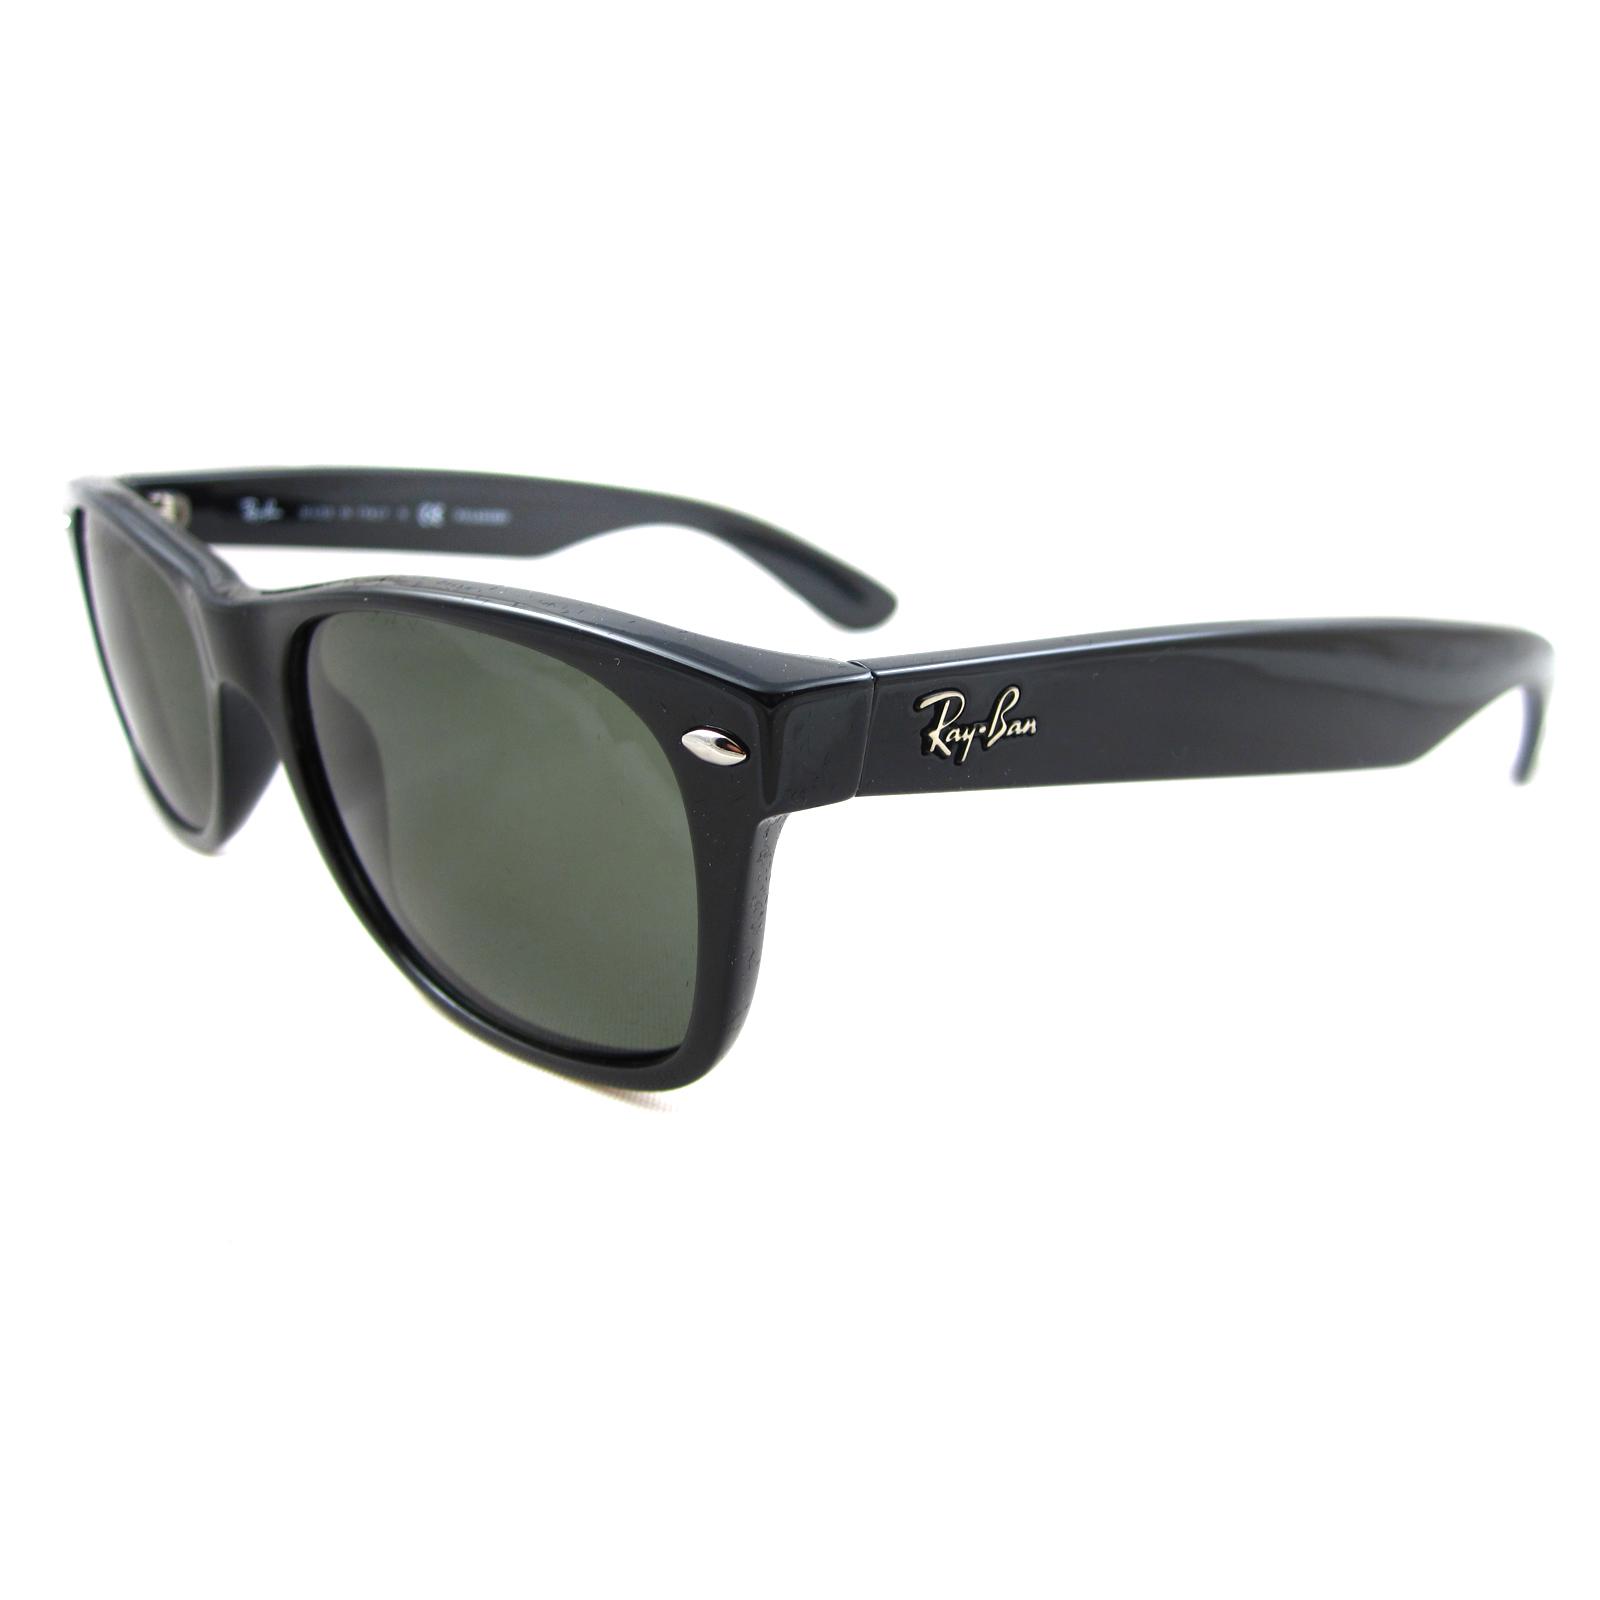 RAY BAN RAY-BAN Herren Sonnenbrille »NEW WAYFARER RB2132«, schwarz, 901 - schwarz/grün